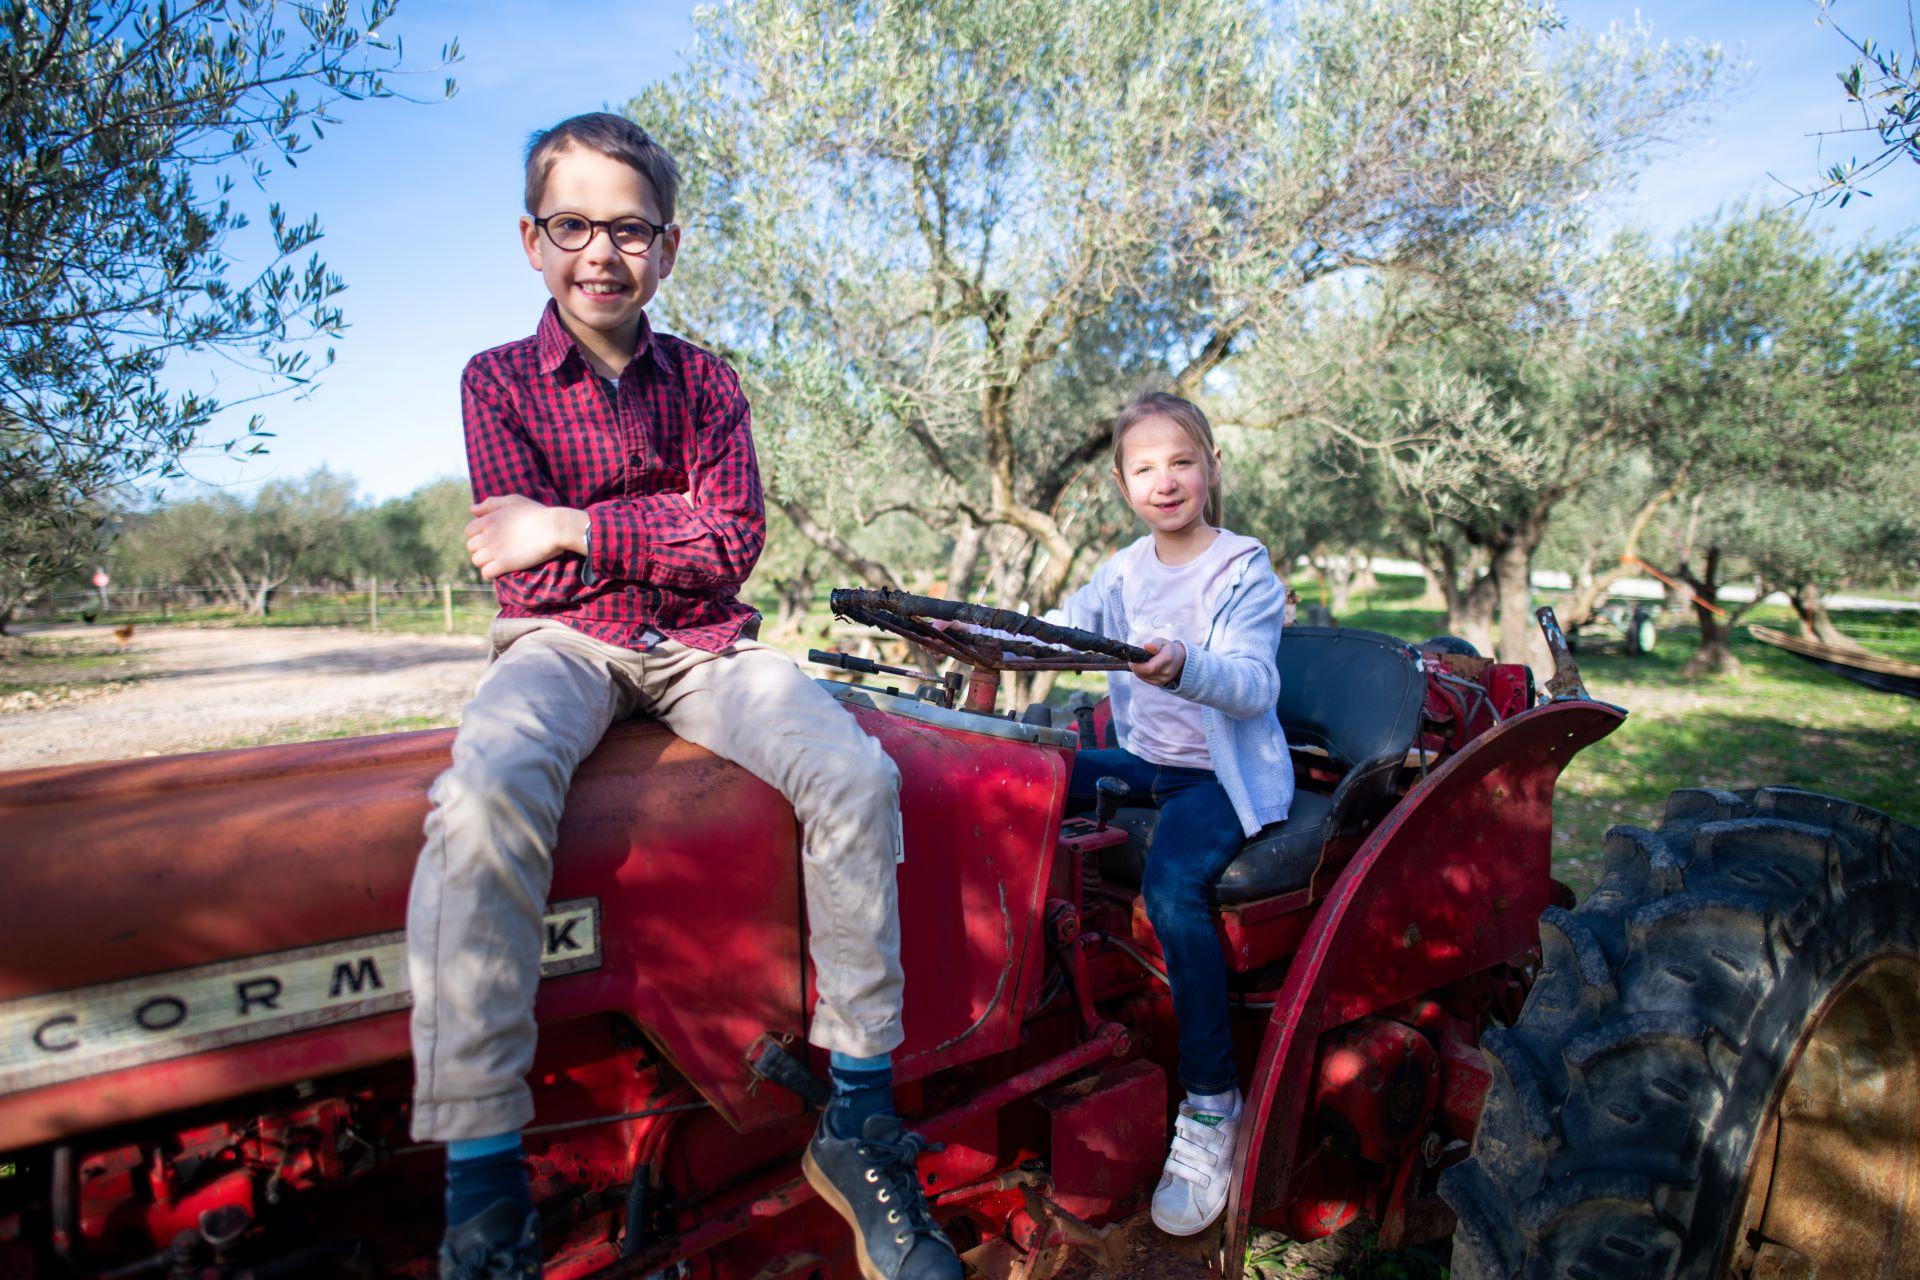 Enfants dans un champs d'olivier, assis sur un tracteur